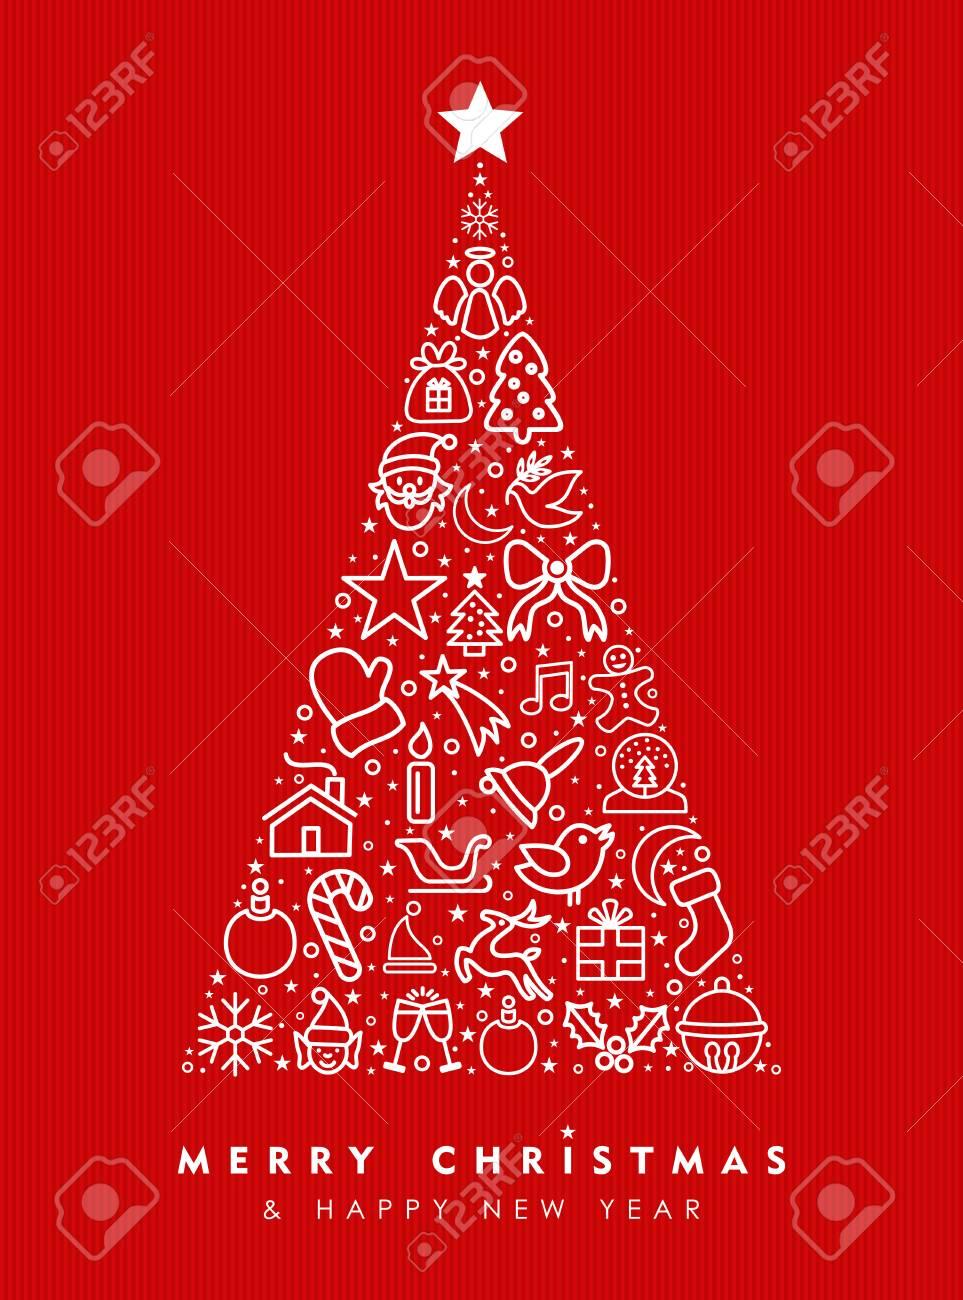 Joyeux Noël Et Bonne Année Carte De Voeux Design, Rouge Vacances